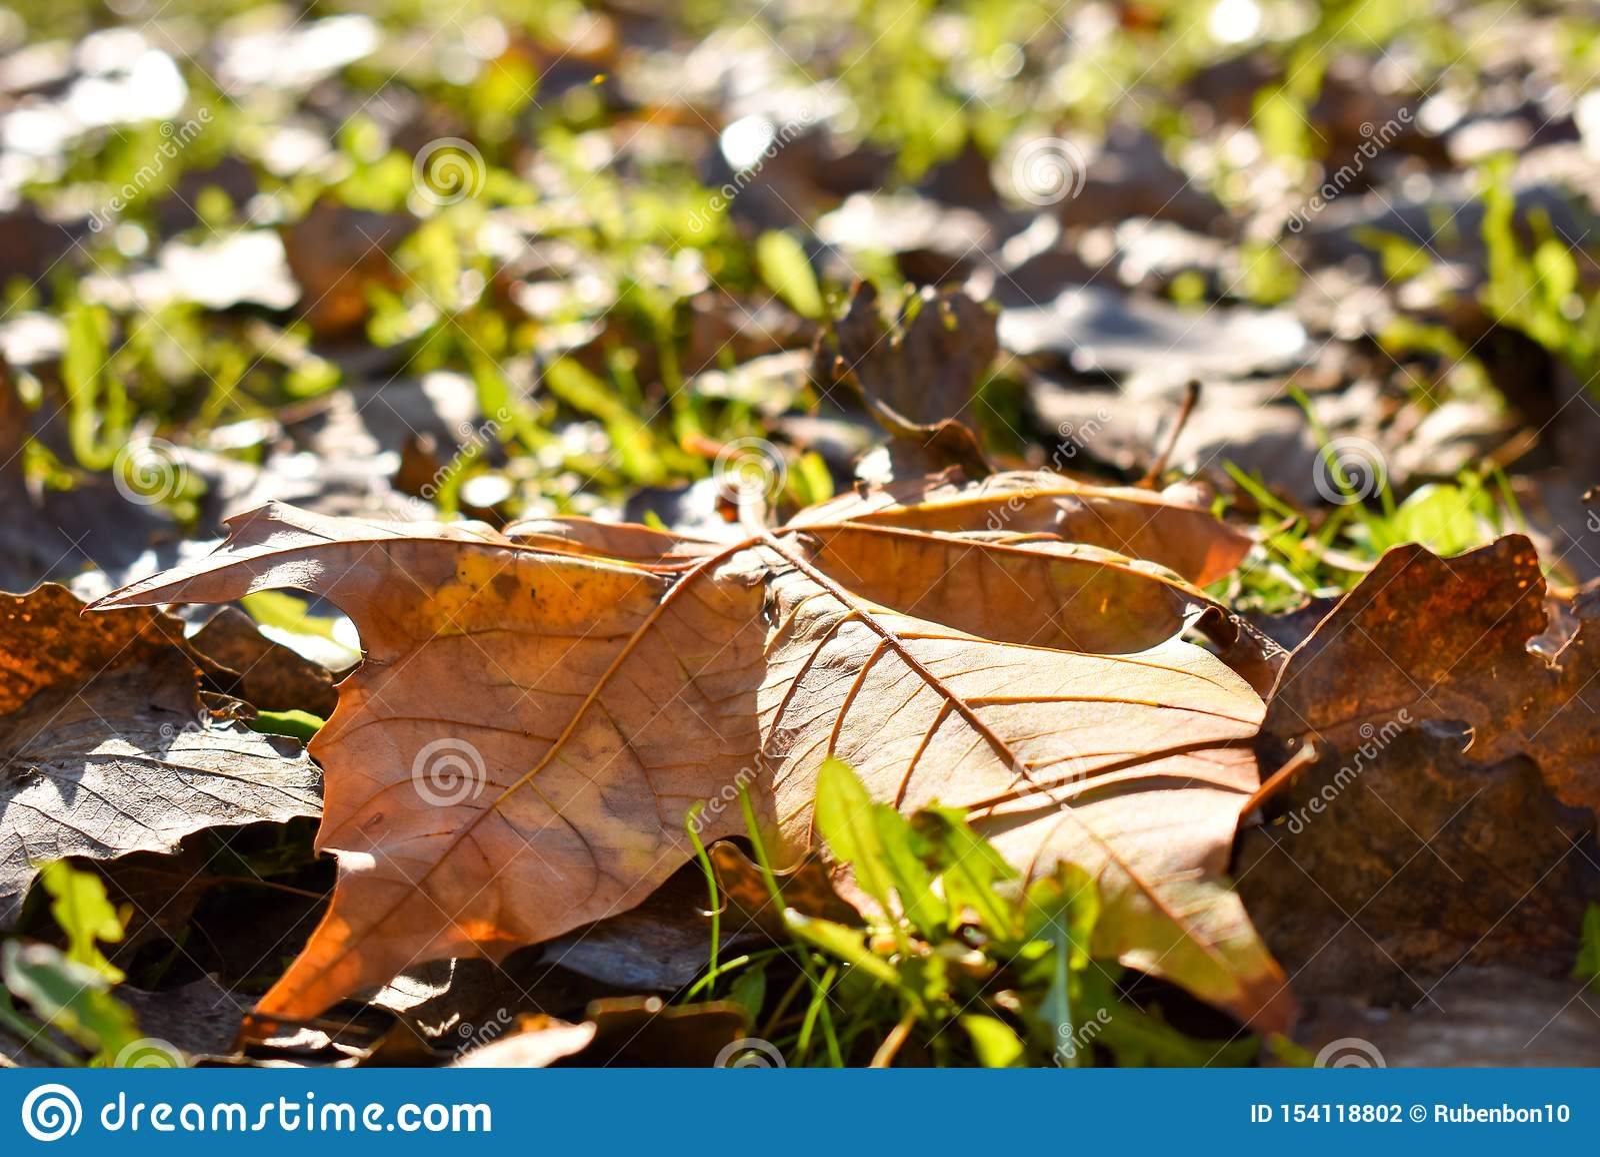 κλείστε επάνω ενός ξηρού πορτοκαλιού φύλλου σφενδάμνου στην πράσινη χλόη σε μια σκηνή μιας ημέρας πτώσης Το φύλλο έχει αφορήσει ά